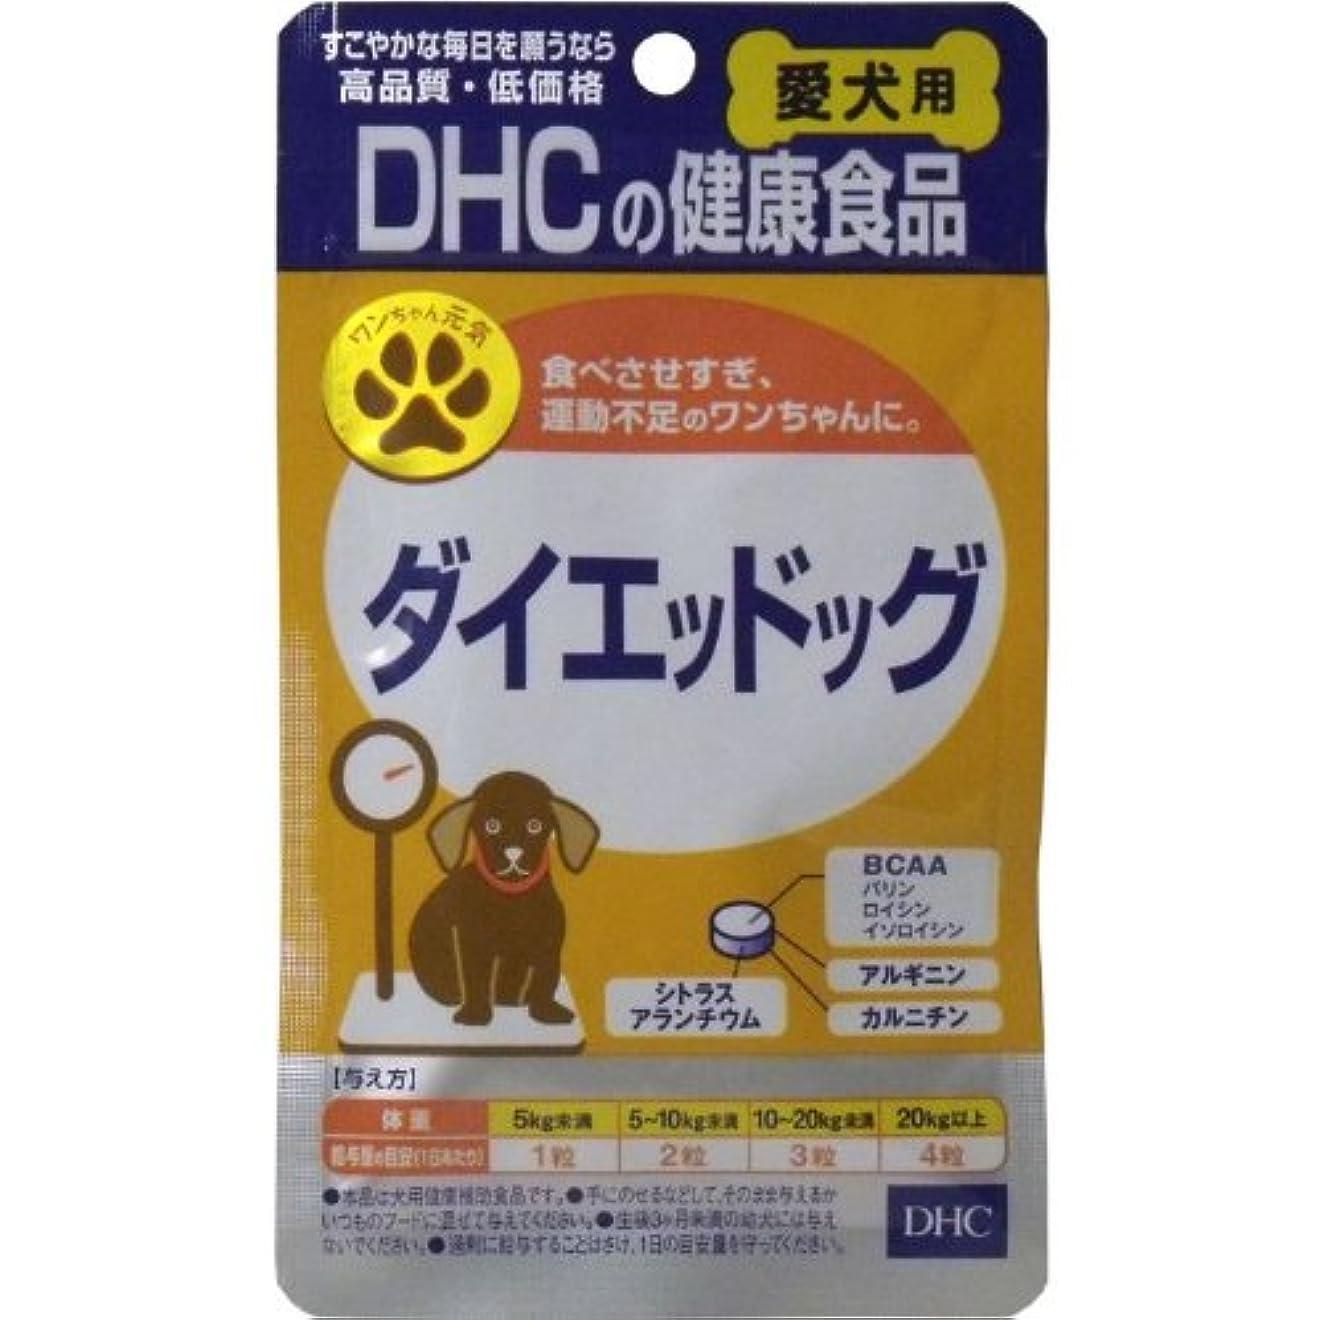 包囲孤児破滅ペット用品 ペットサプリメント ダイエット 健康 食品 犬用